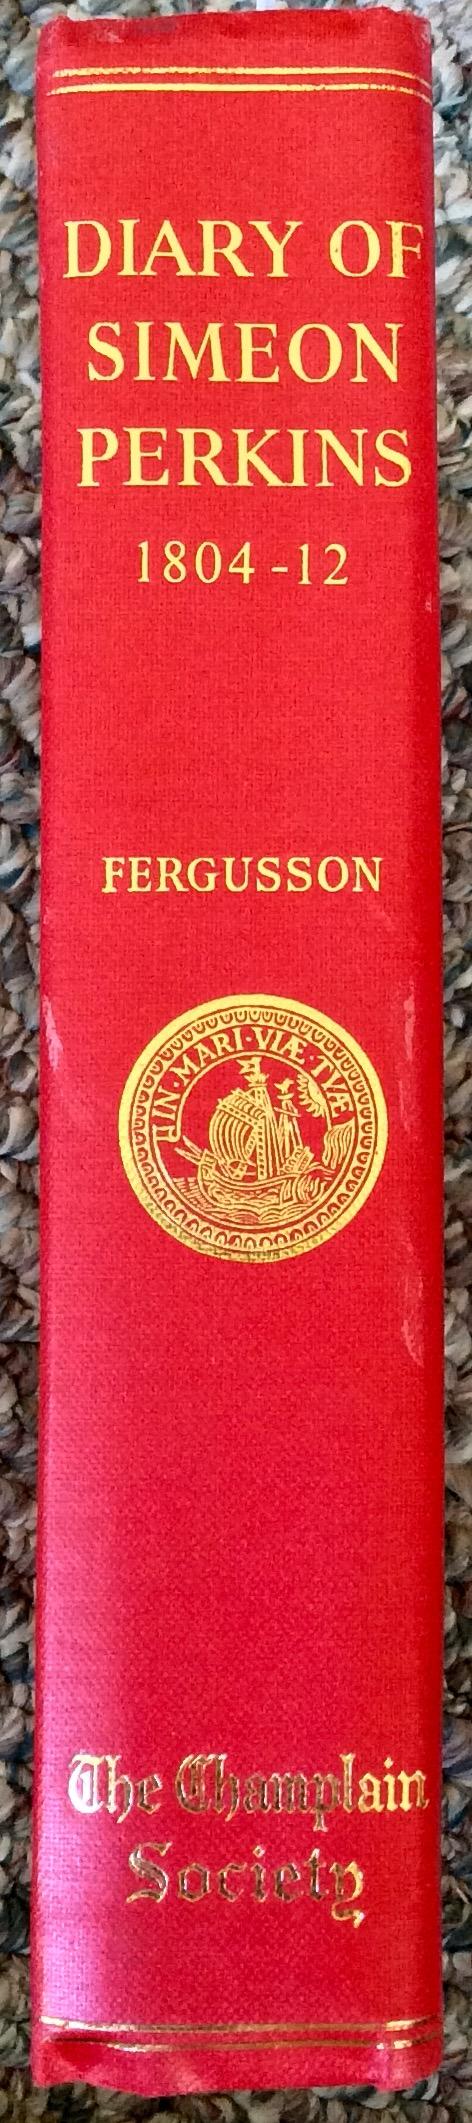 Diary Of Simeon Perkins Champlain Society Limited Ed HC